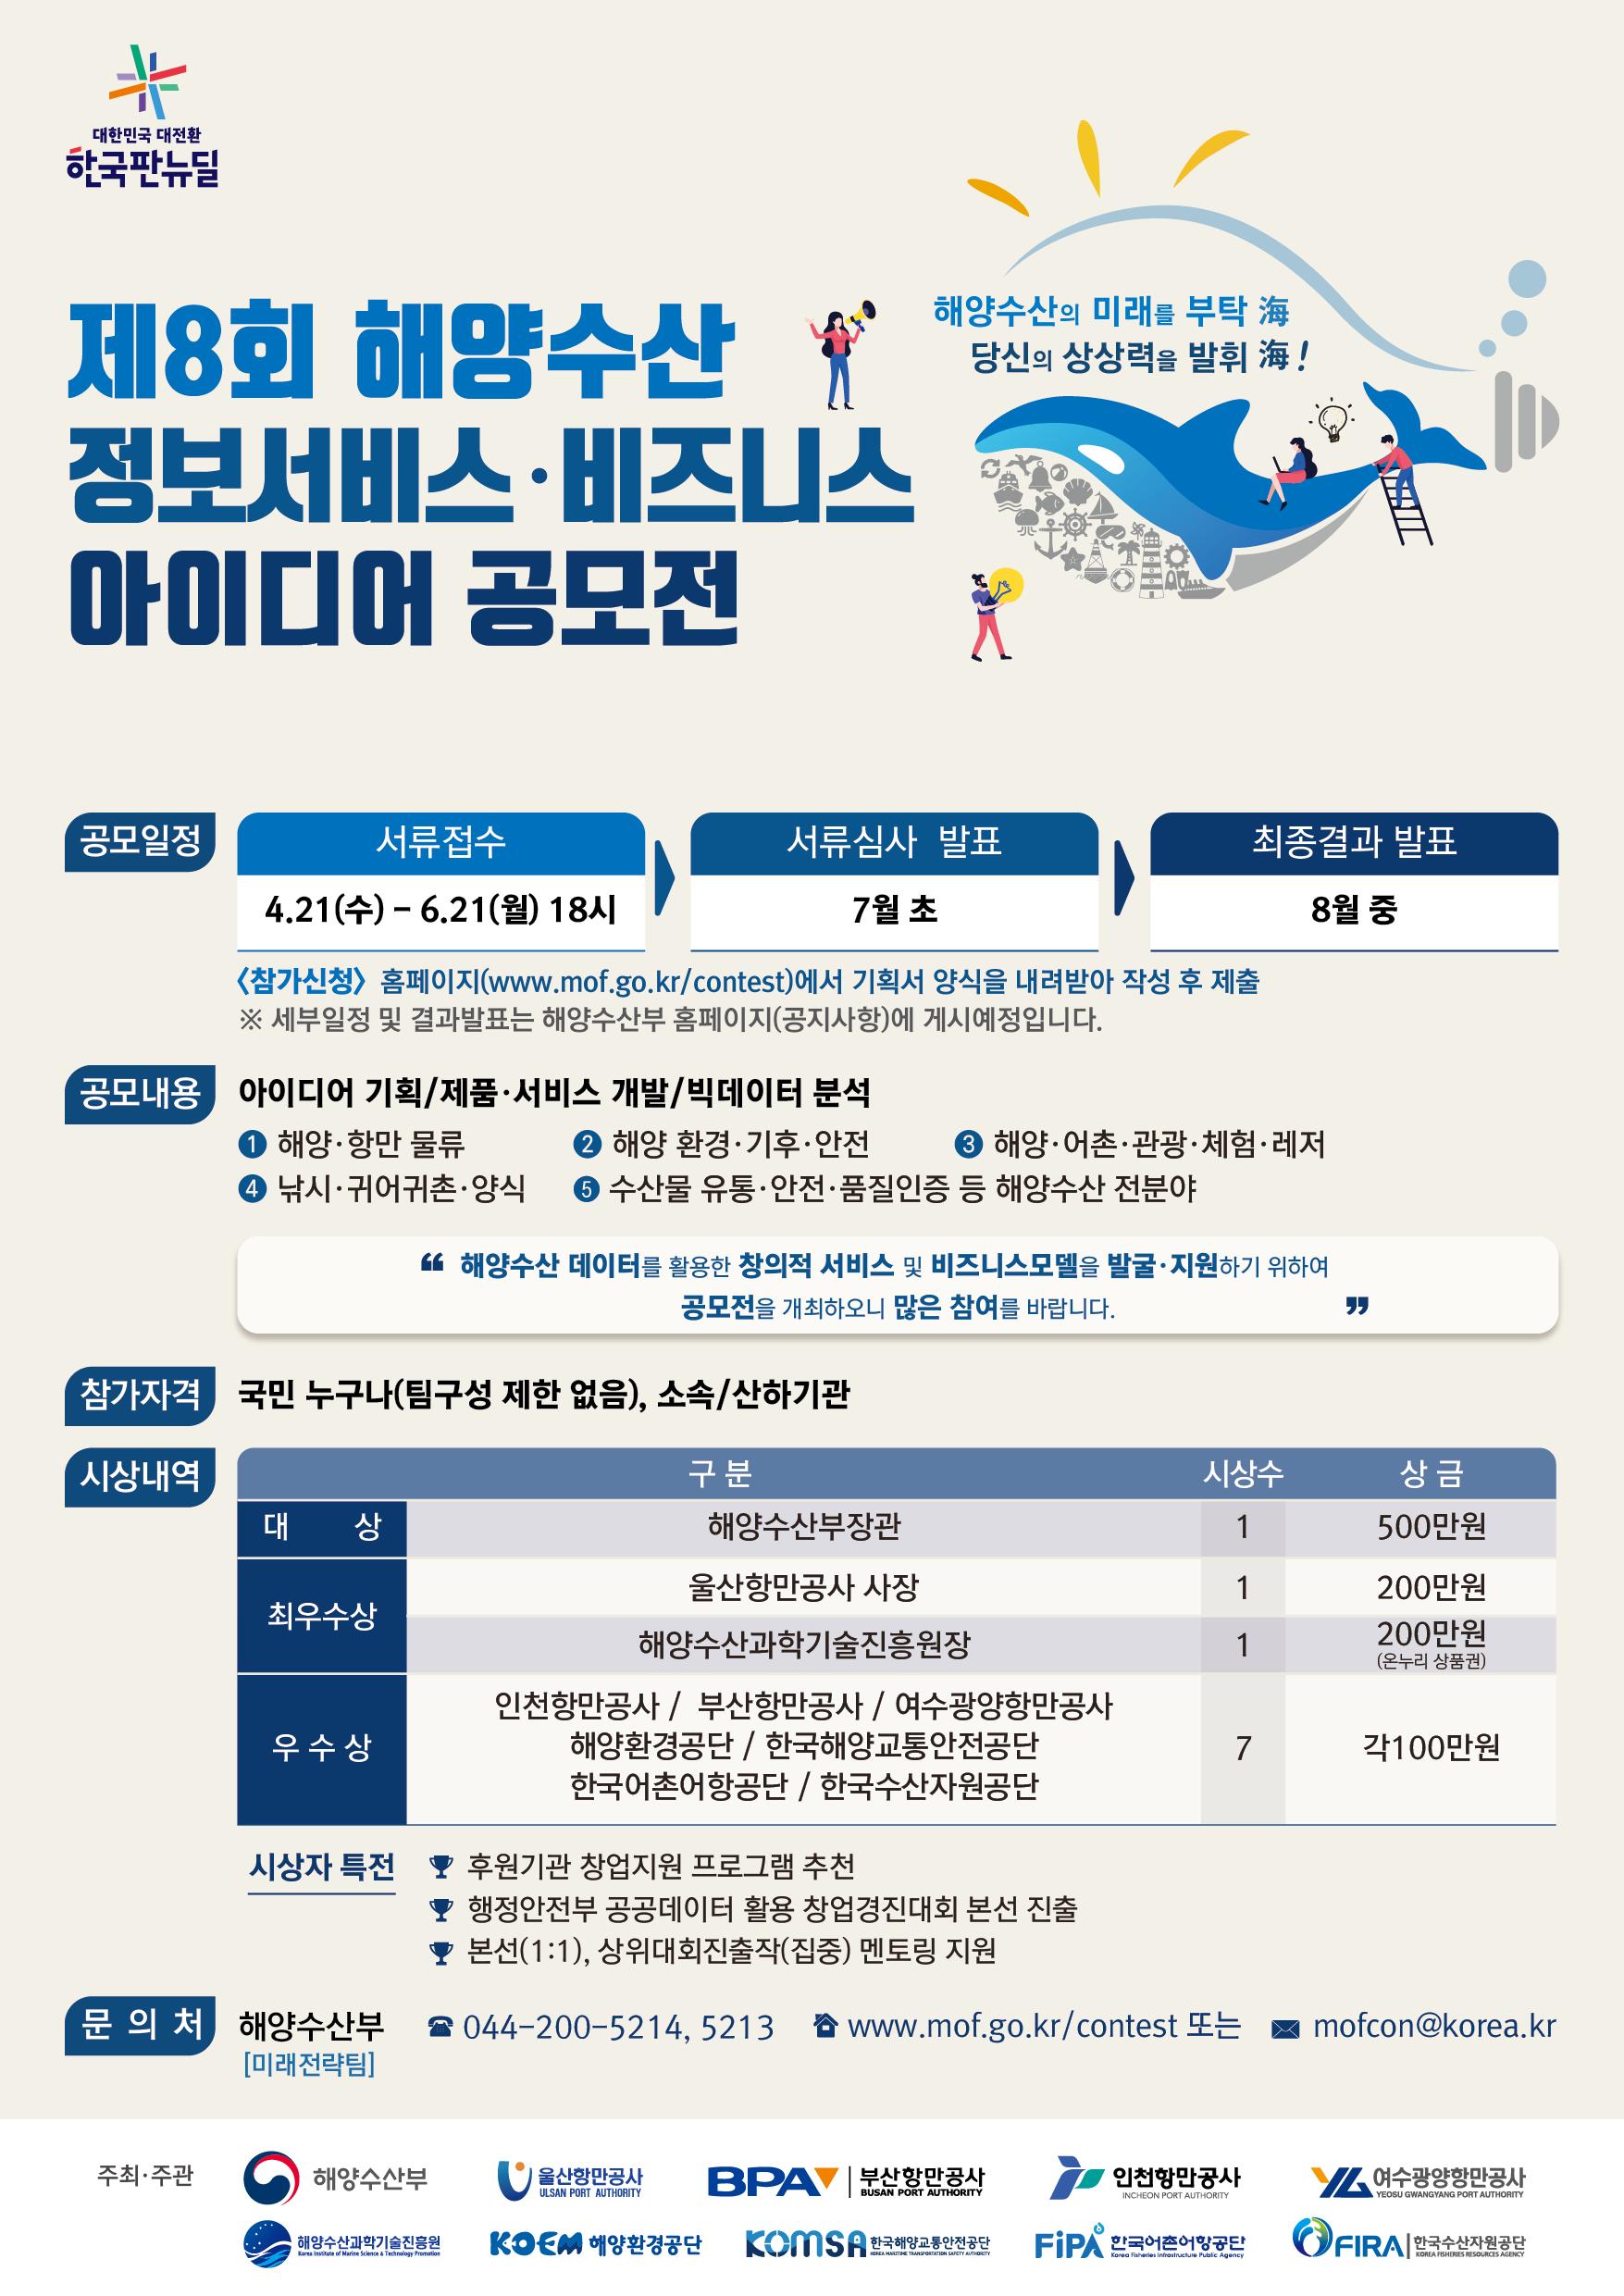 제8회 해양수산 정보 서비스·비즈니스 아이디어 공모전